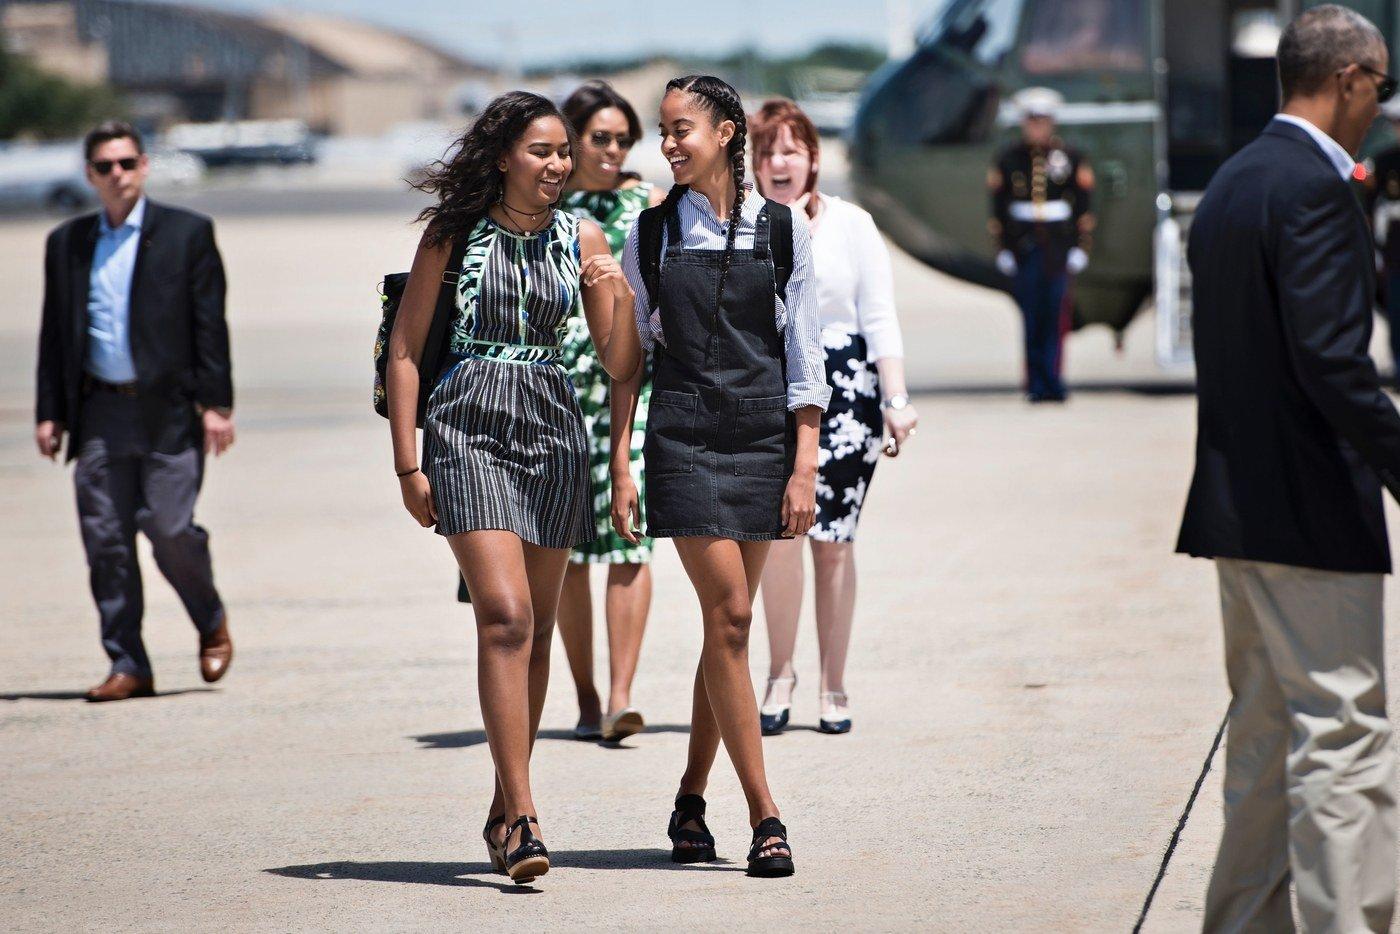 Sasha and Malia Obama's Best Fashion Looks - Style 30